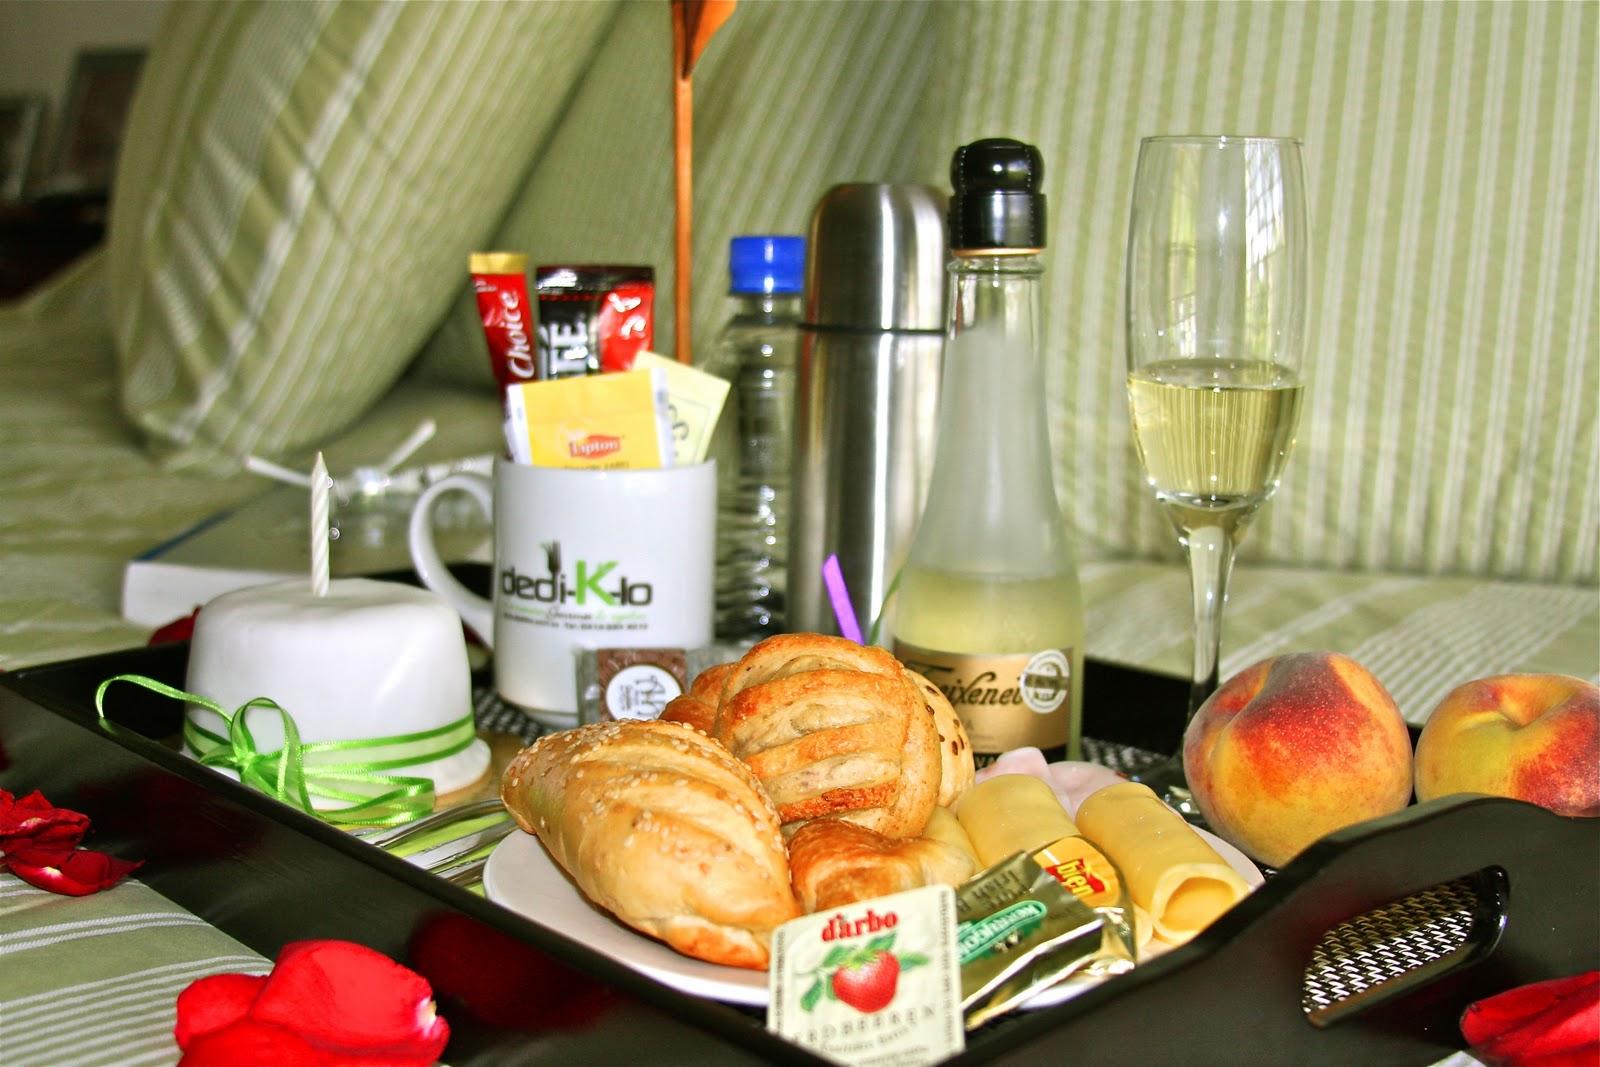 Desayunos brindis y meriendas a domicilio - Regala un desayuno a domicilio ...